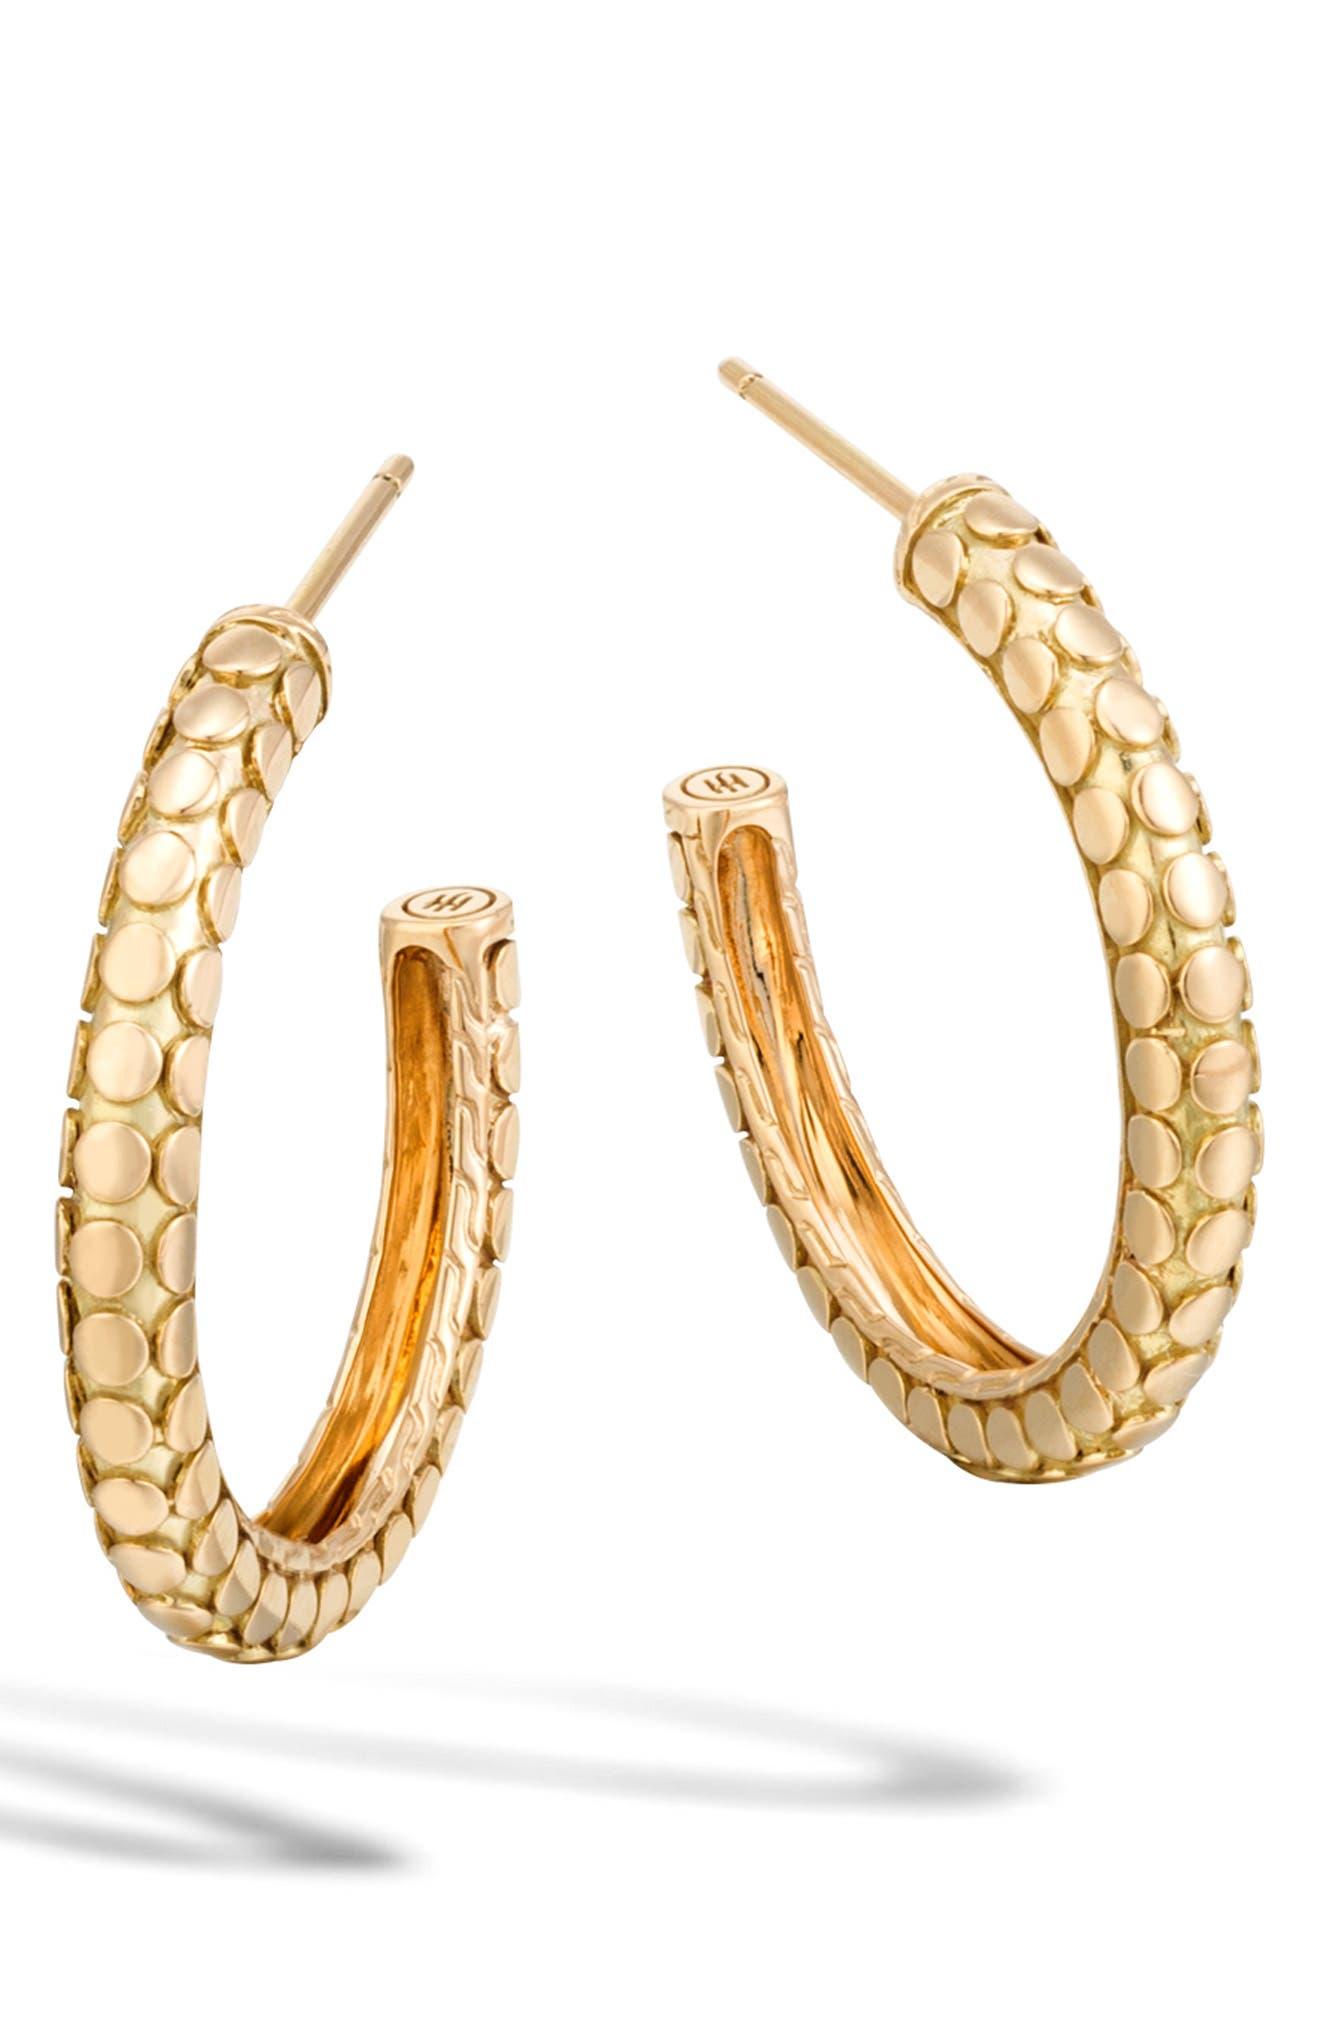 Dot Collection Hoop Earrings,                             Main thumbnail 1, color,                             710